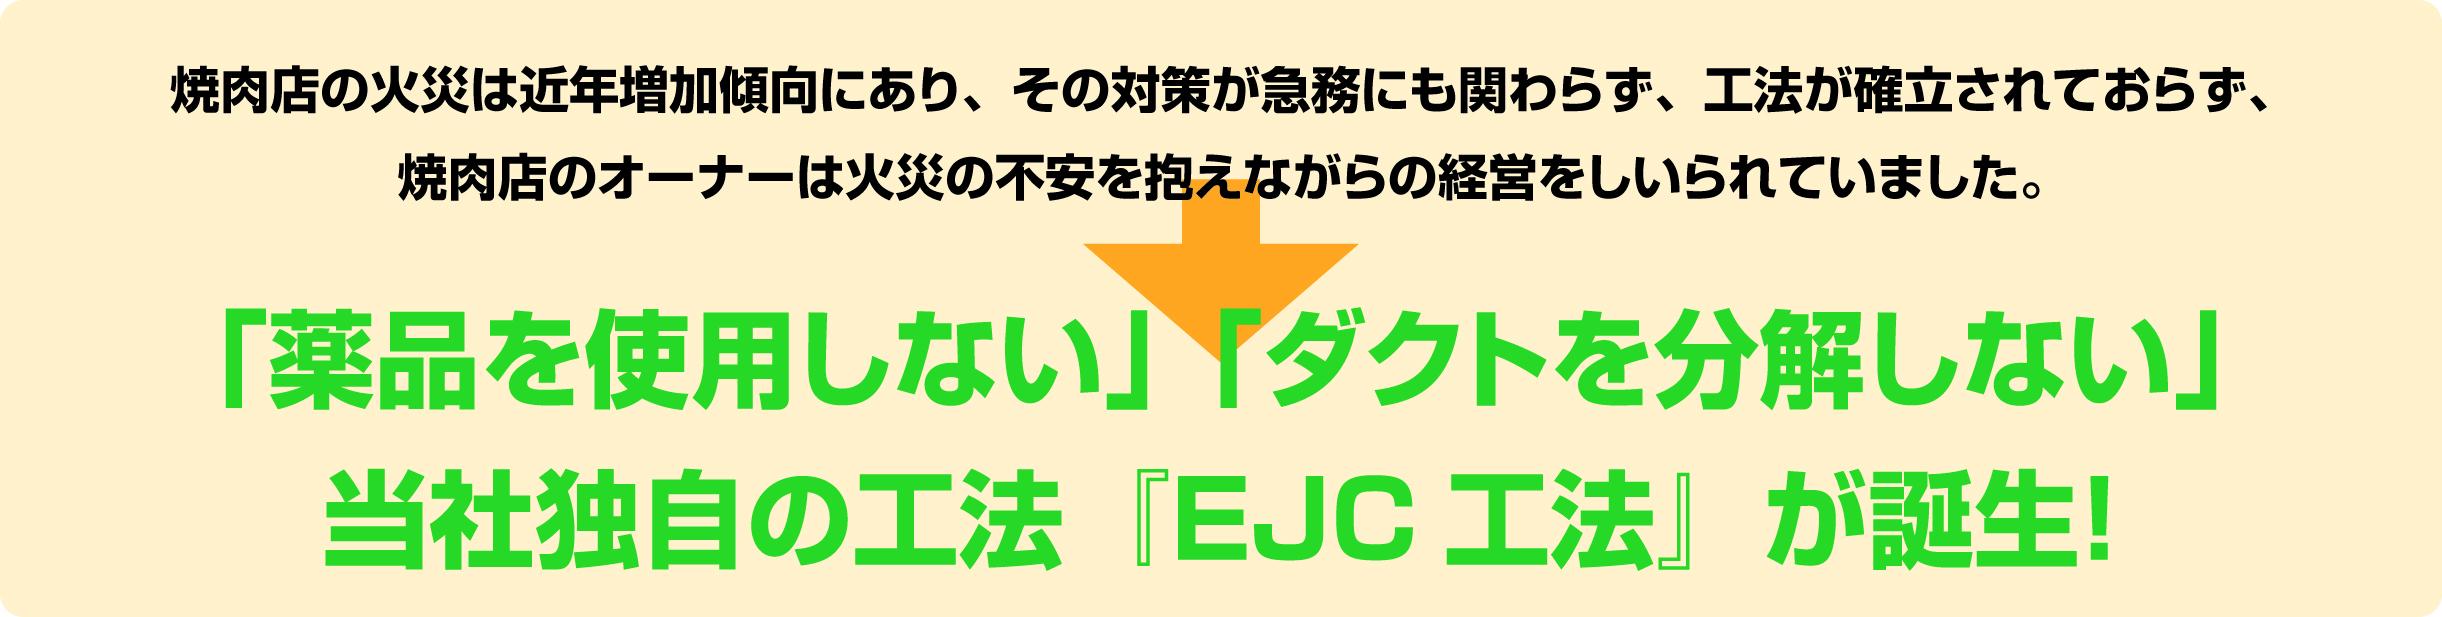 「薬品を使用しない」「ダクトを分解しない」、当社独自の工法「EJC工法」が誕生!